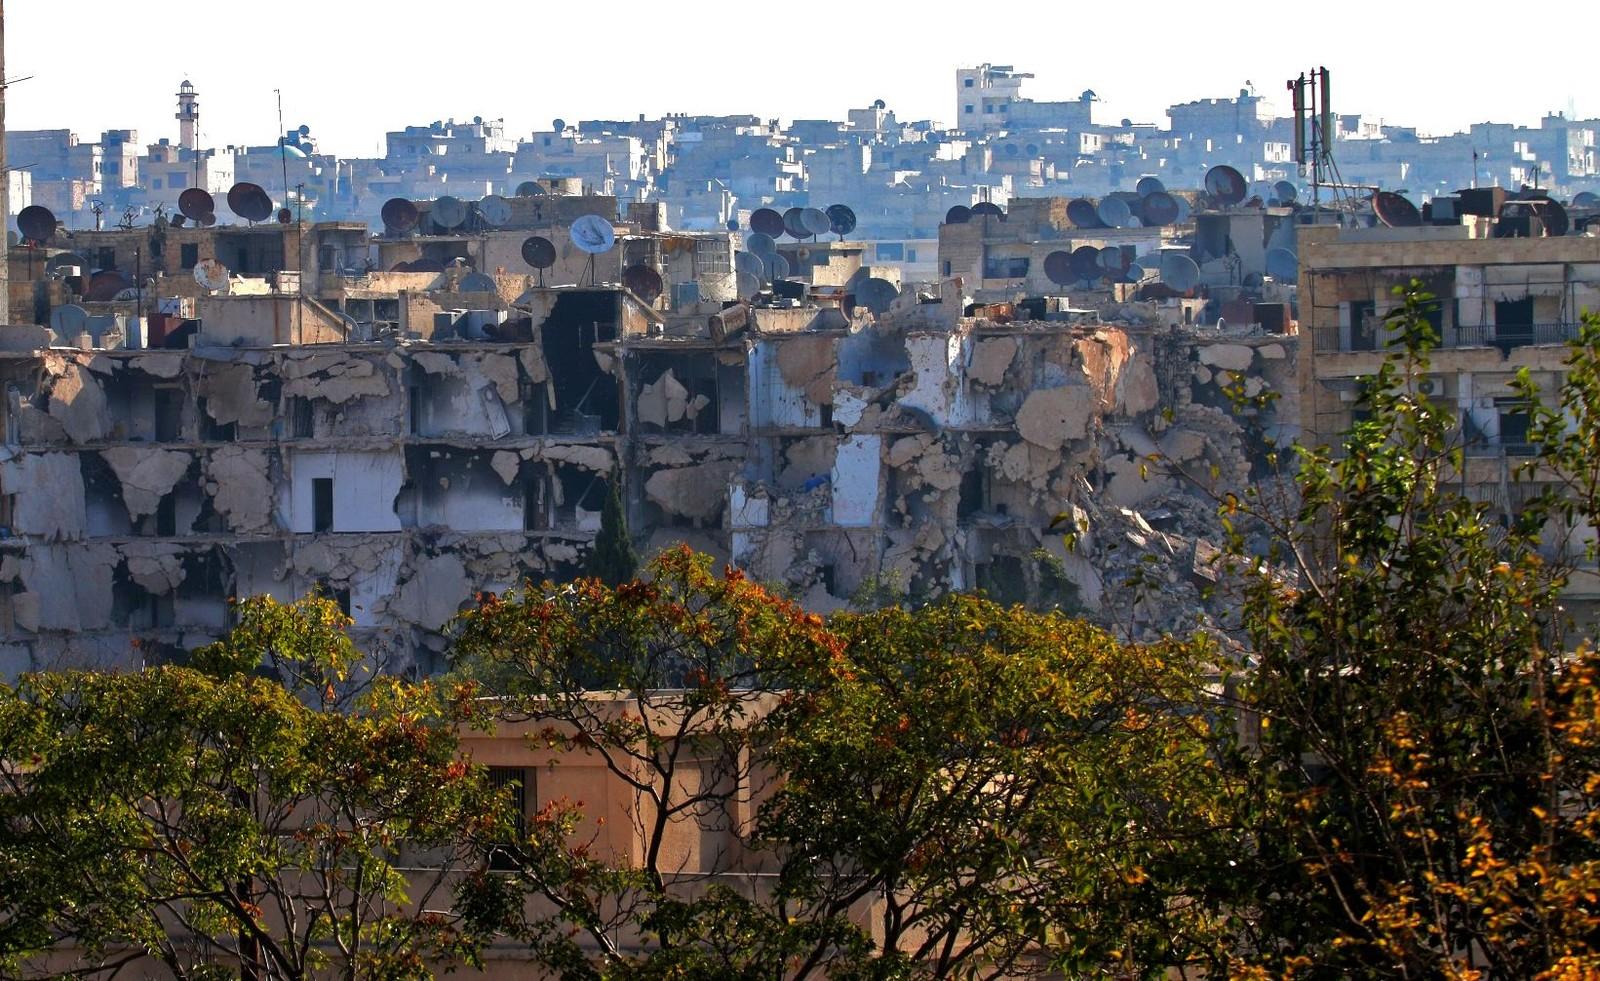 Det er store øydeleggingar i dei austlege bydelane i Aleppo etter intens syrisk og russisk bombing dei siste vekene.